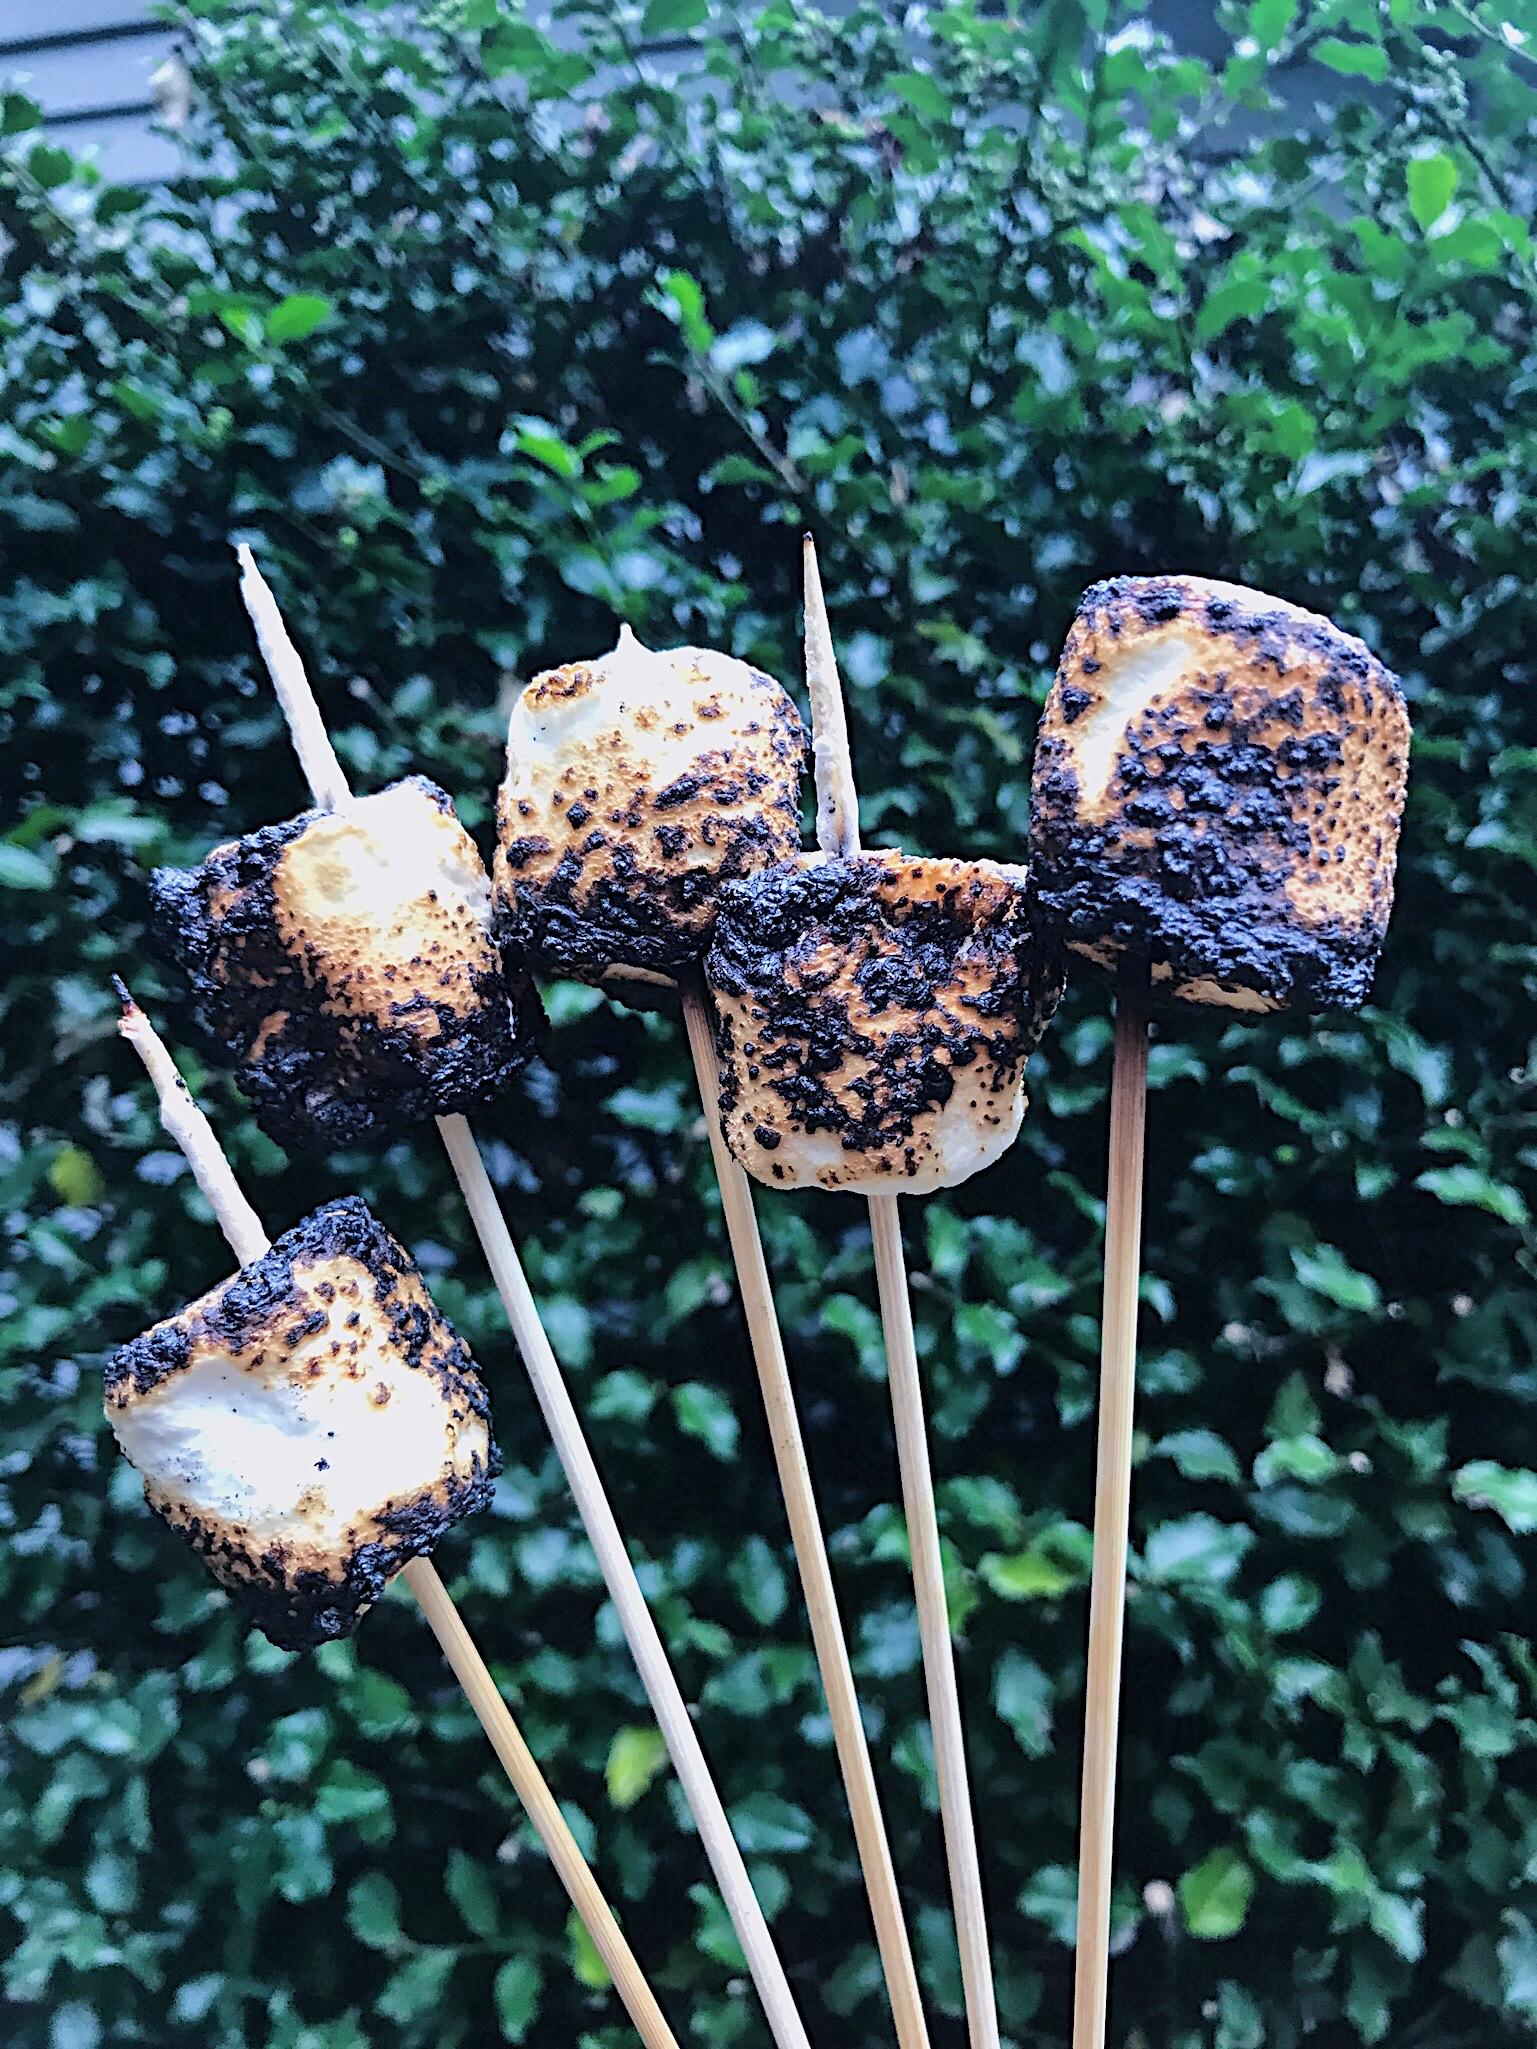 Toasted marshmellows